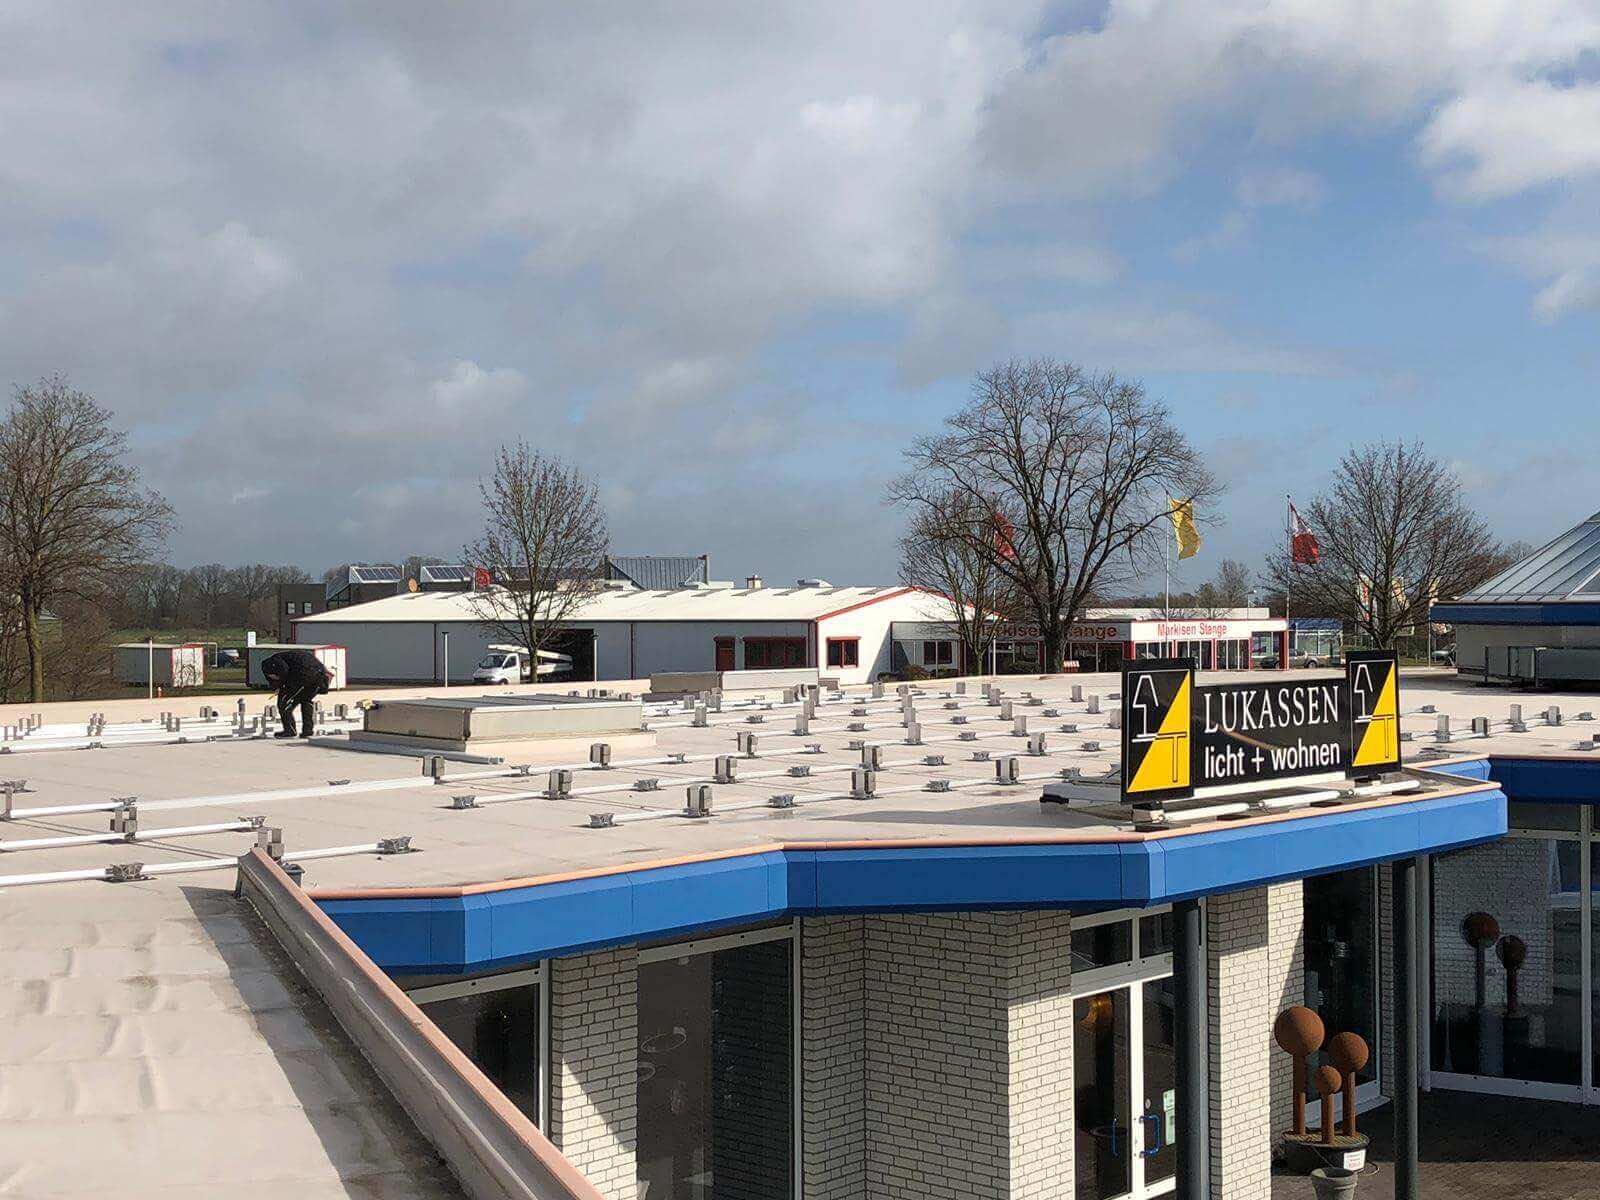 Neue Photovoltaikanlage   Montage auf dem Dach   Leuchten Lukassen